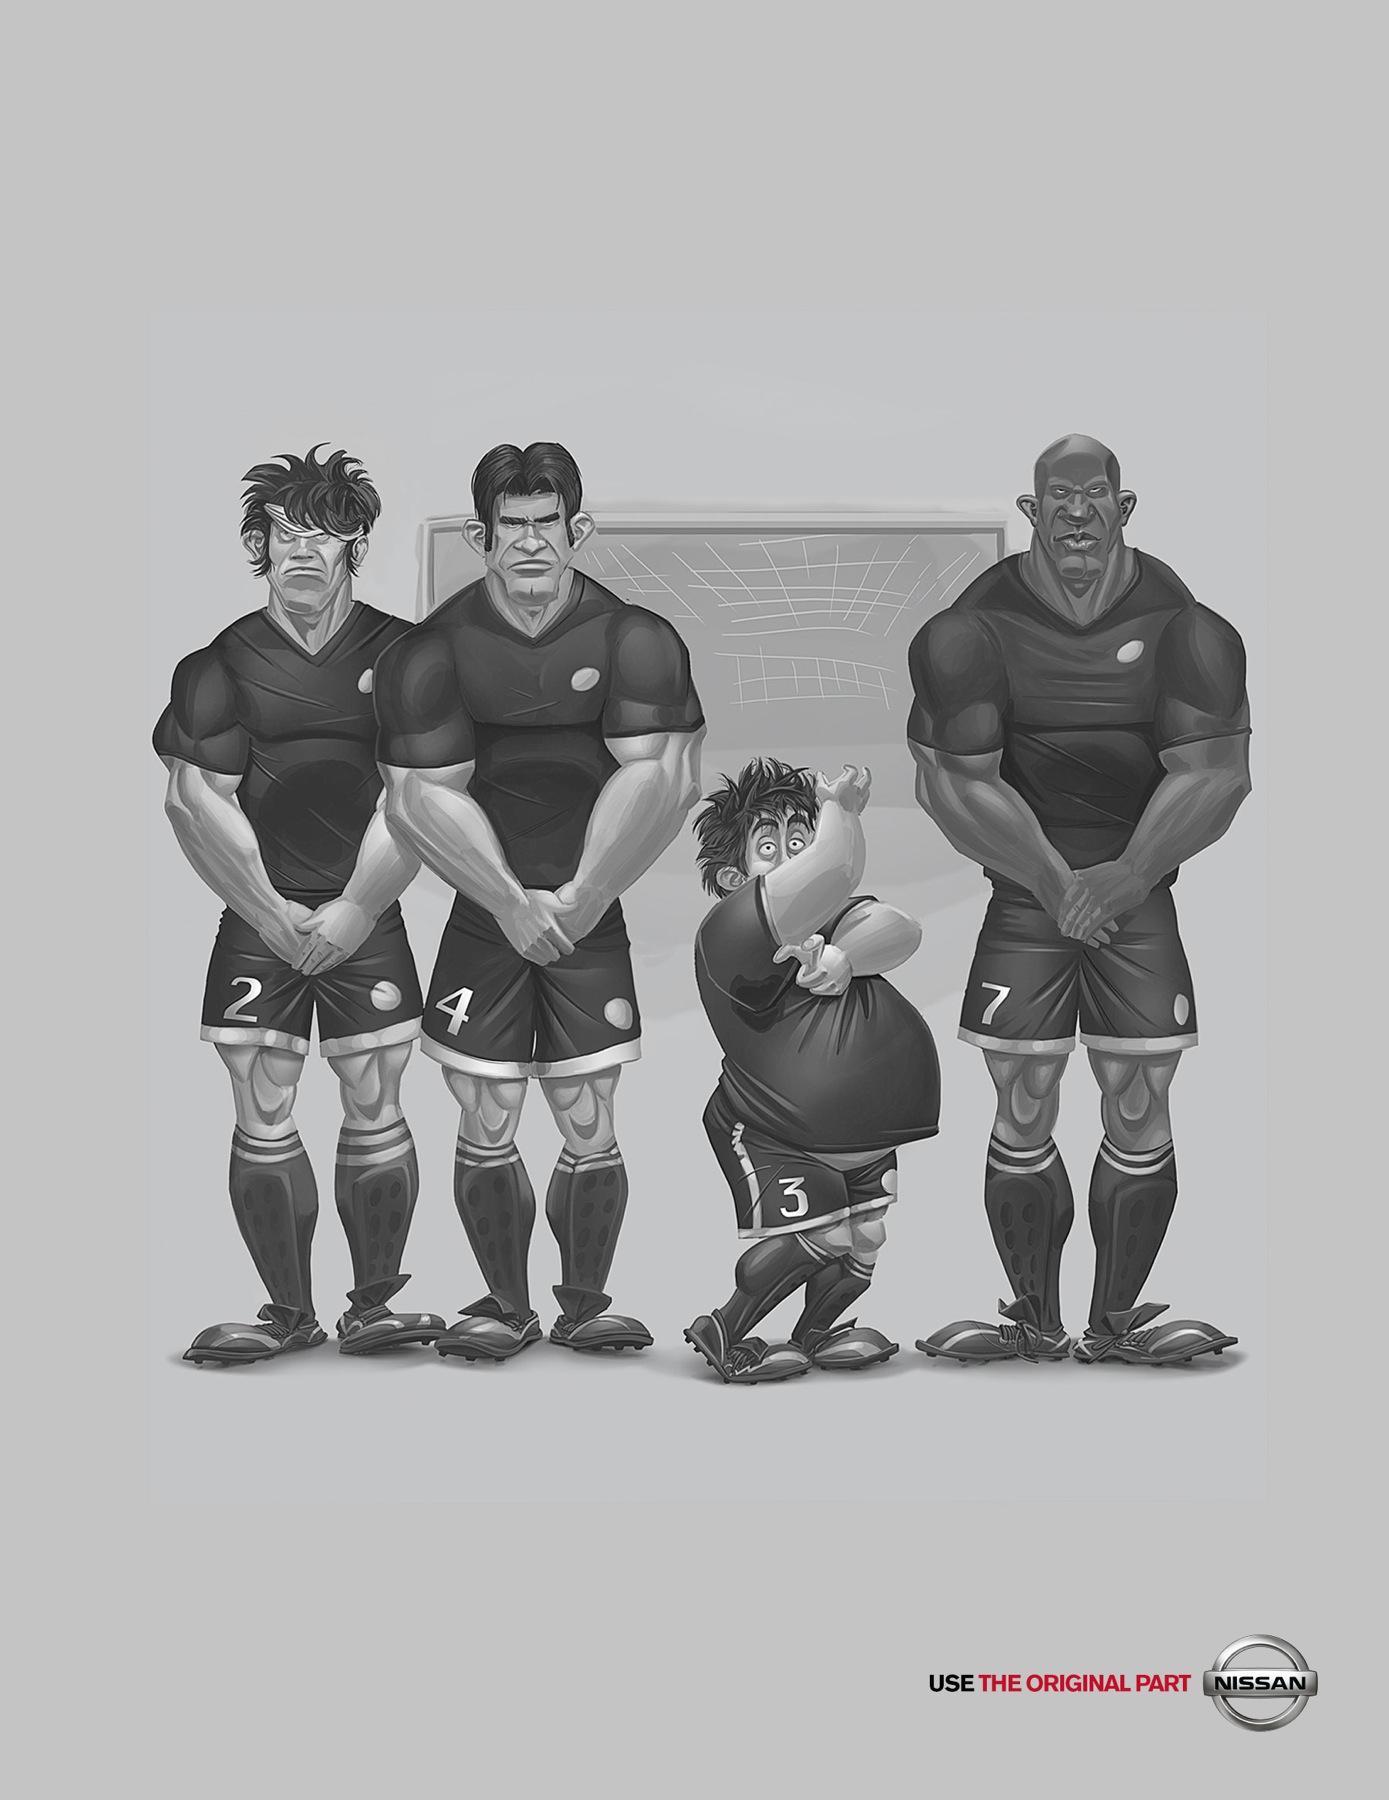 Spécial Coupe du Monde de Football : Les 100 plus belles publicités sur le foot ! 95